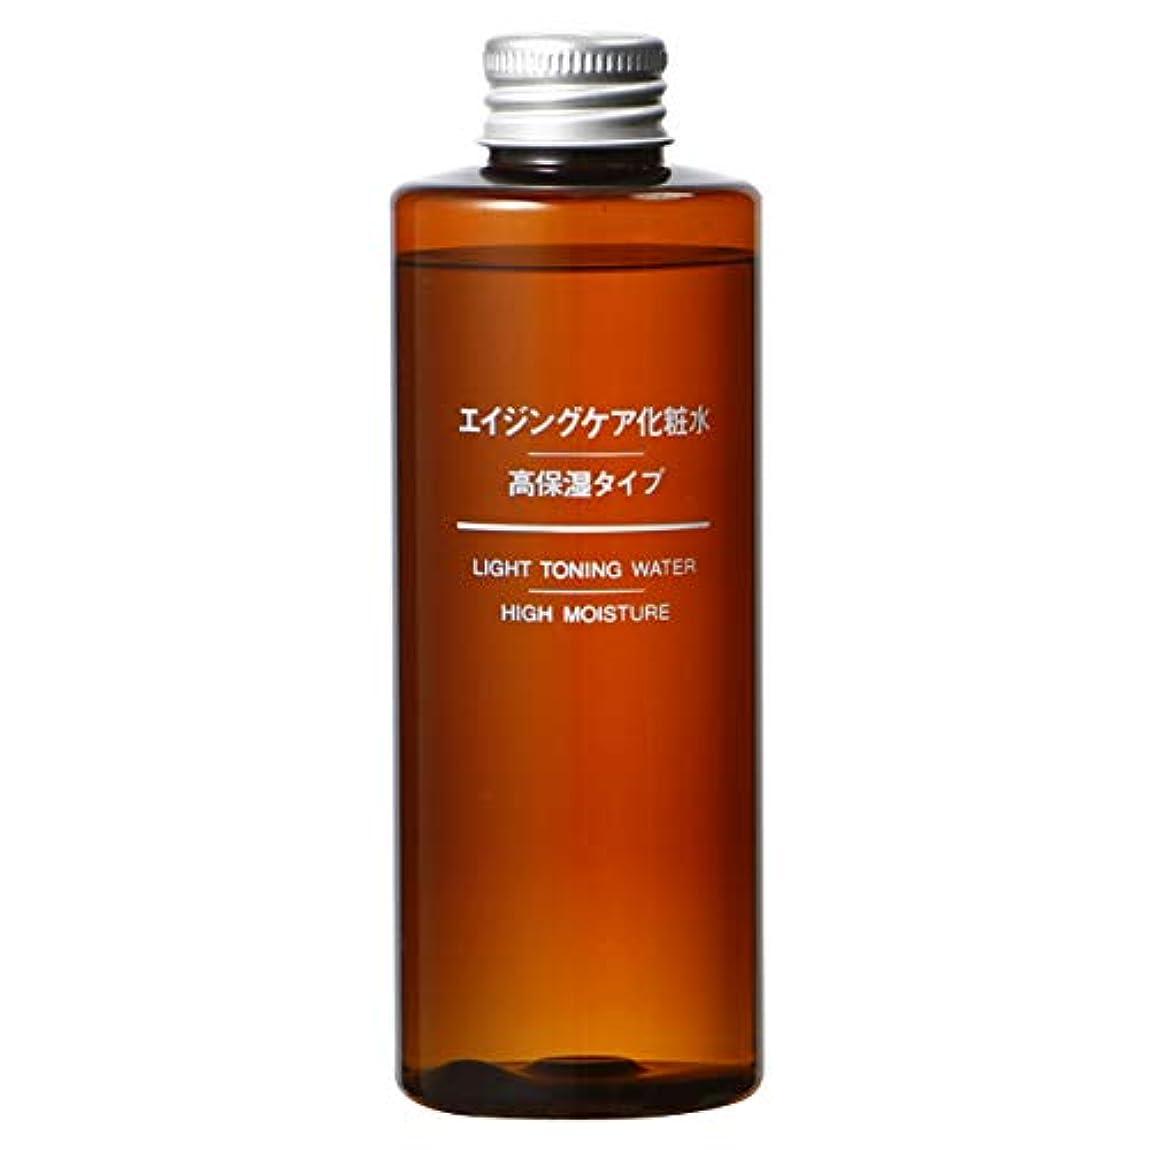 ナット励起伝統無印良品 エイジングケア化粧水?高保湿タイプ 200ml